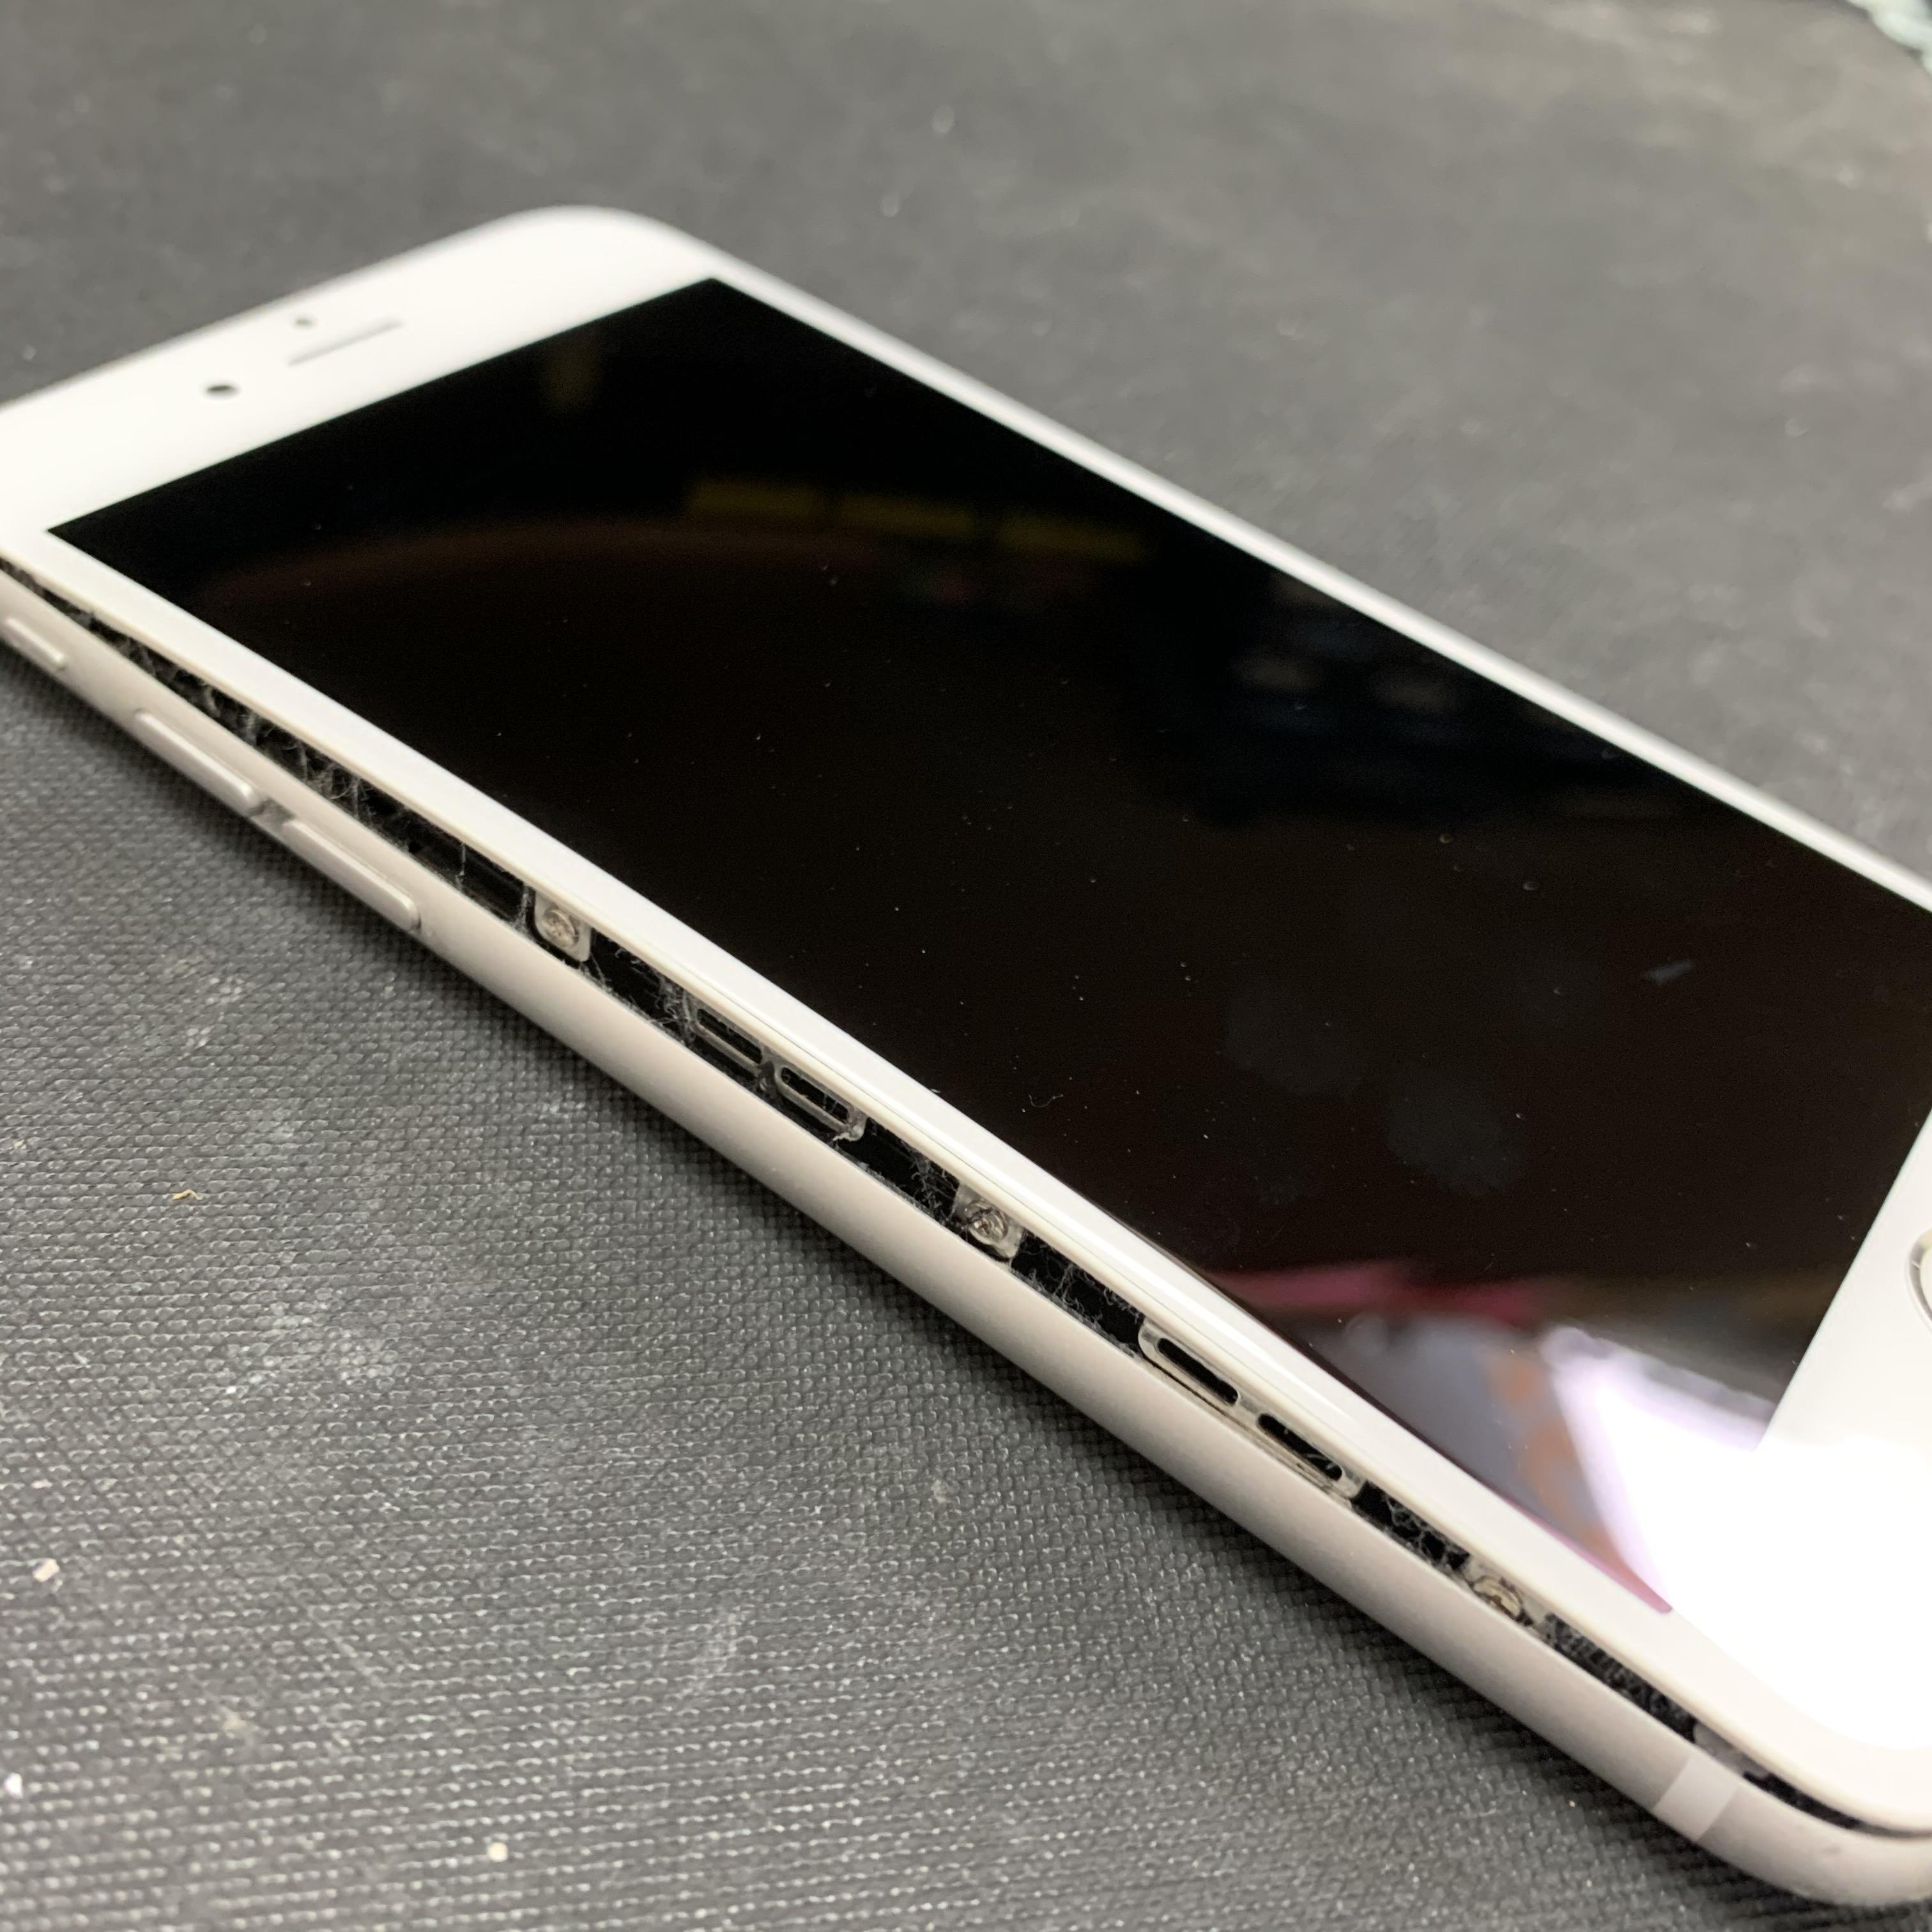 バッテリーが膨張し画面が浮いてしまったiPhone6S